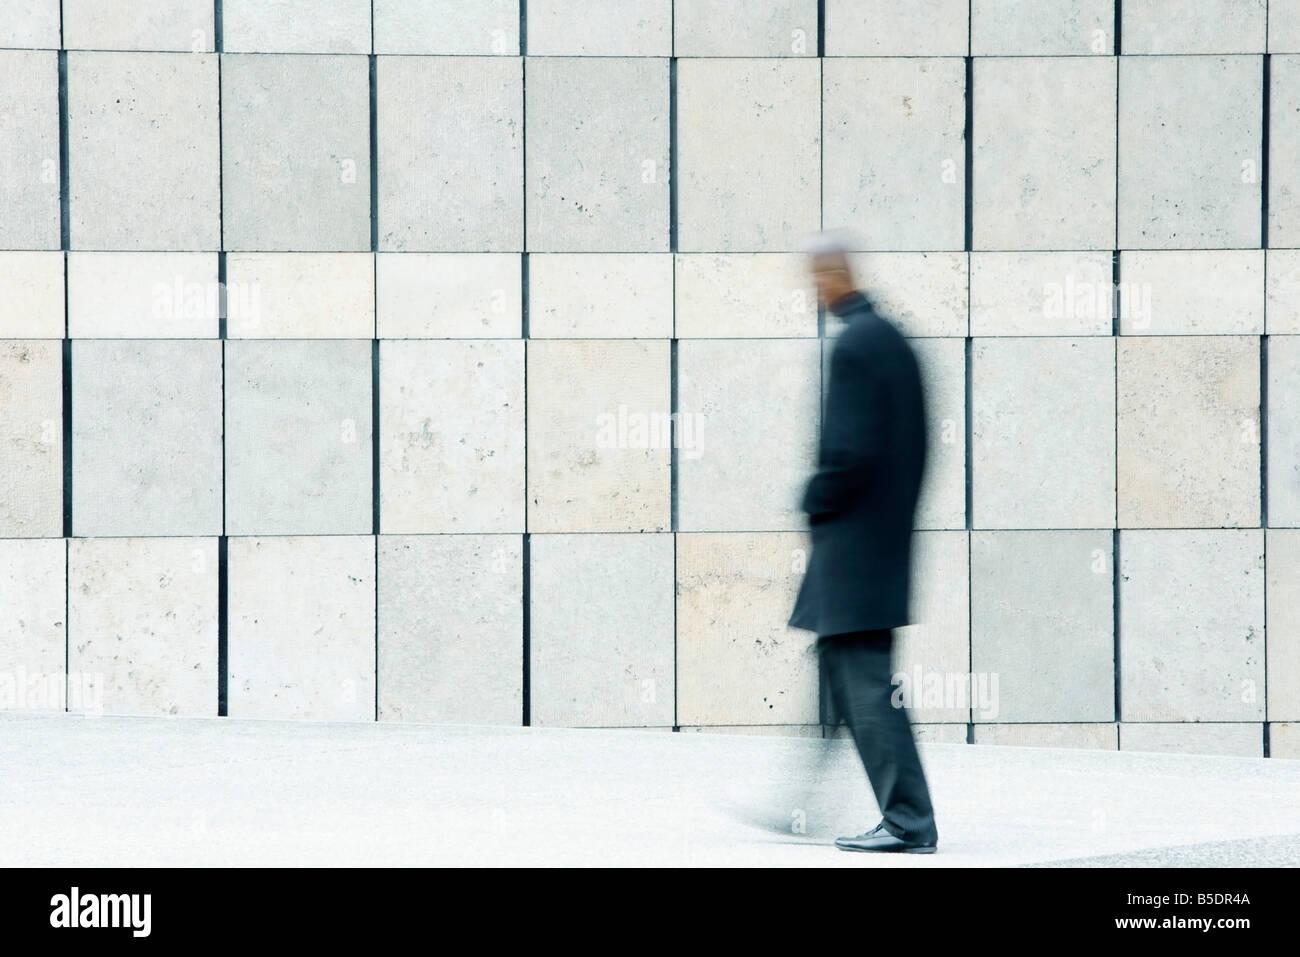 Uomo a camminare sul marciapiede Immagini Stock